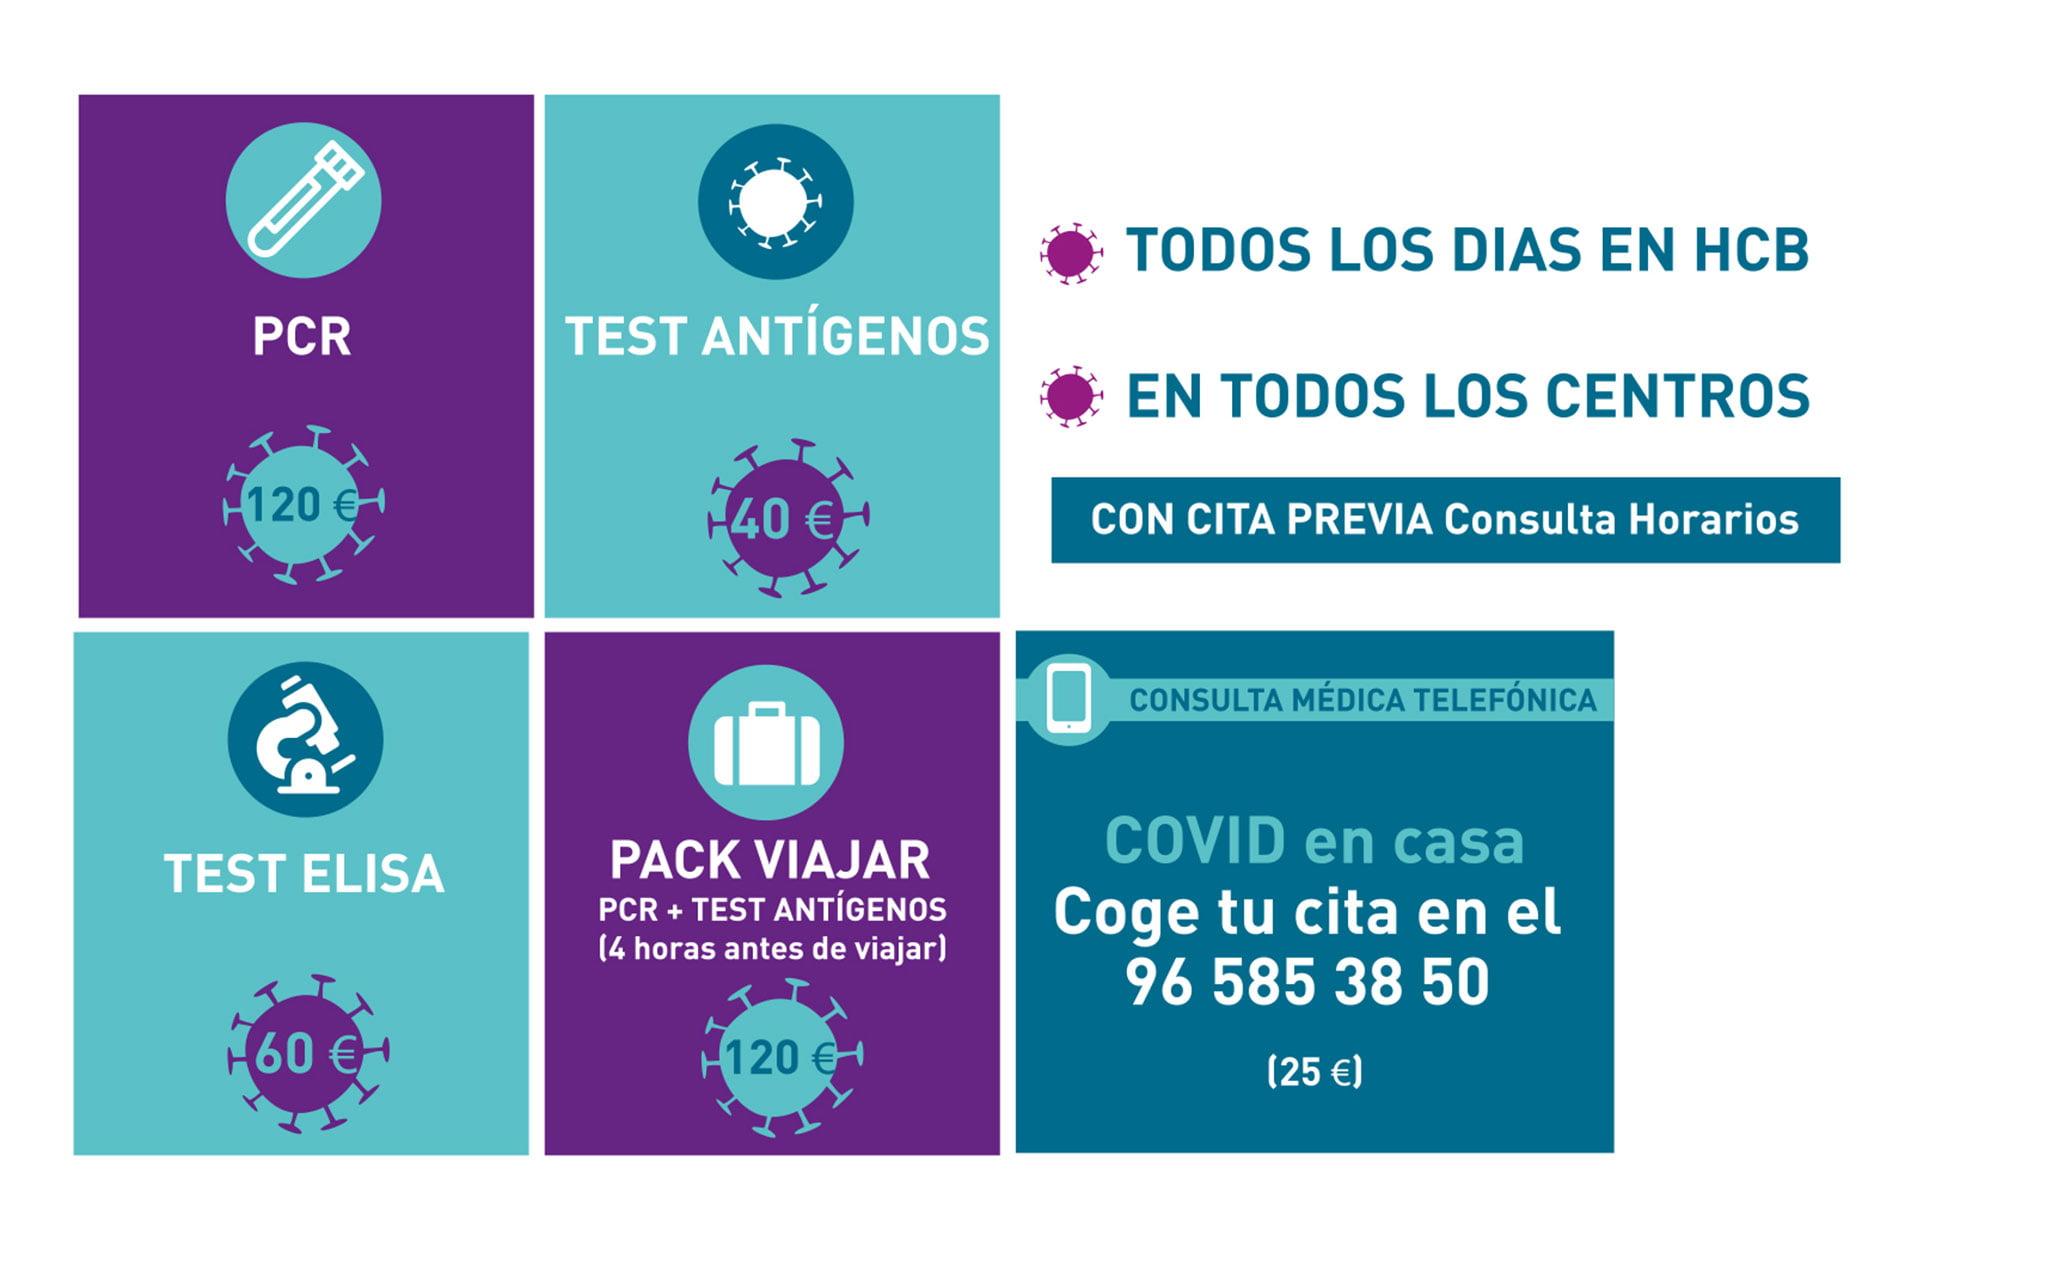 Pruebas para la detección de COVID 19 en todos los centros de Hospital Clínica Benidorm (HCB)